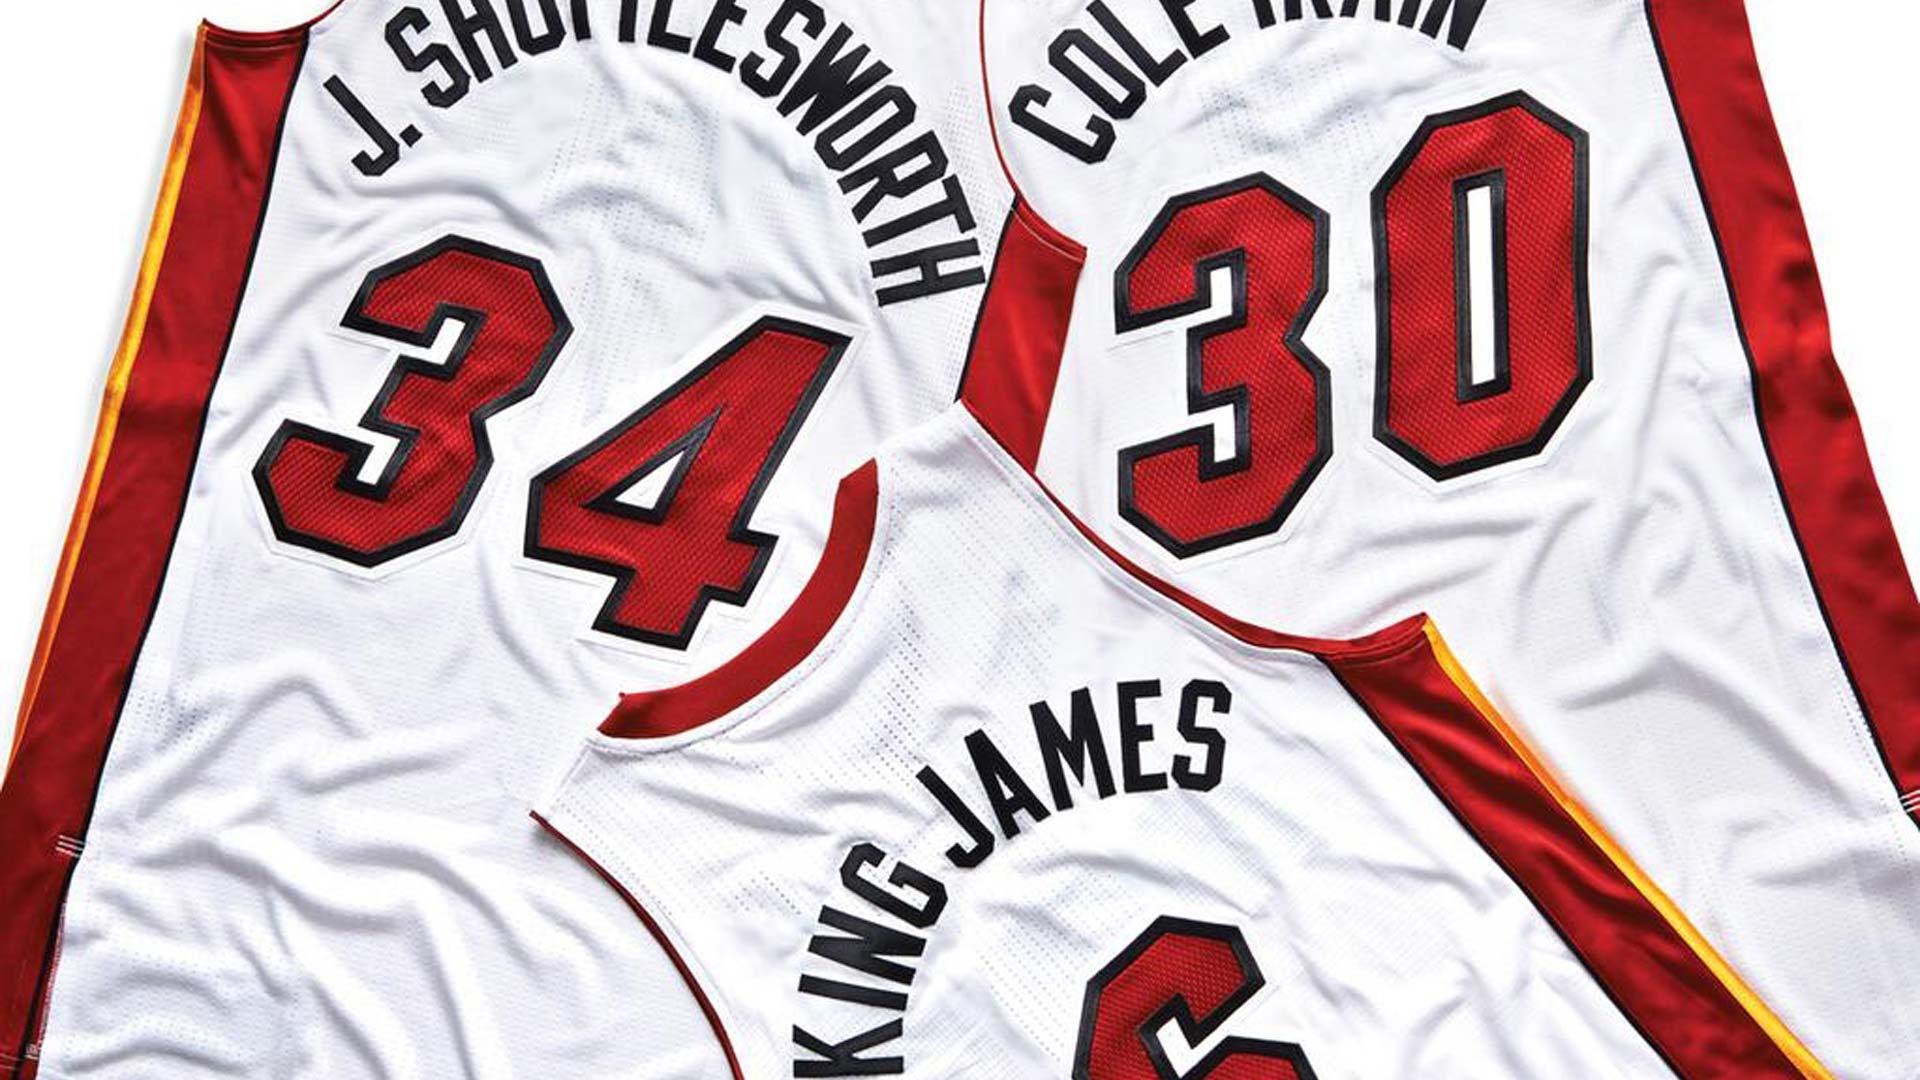 heat-nickname-jerseys-1214-twitter-ftr